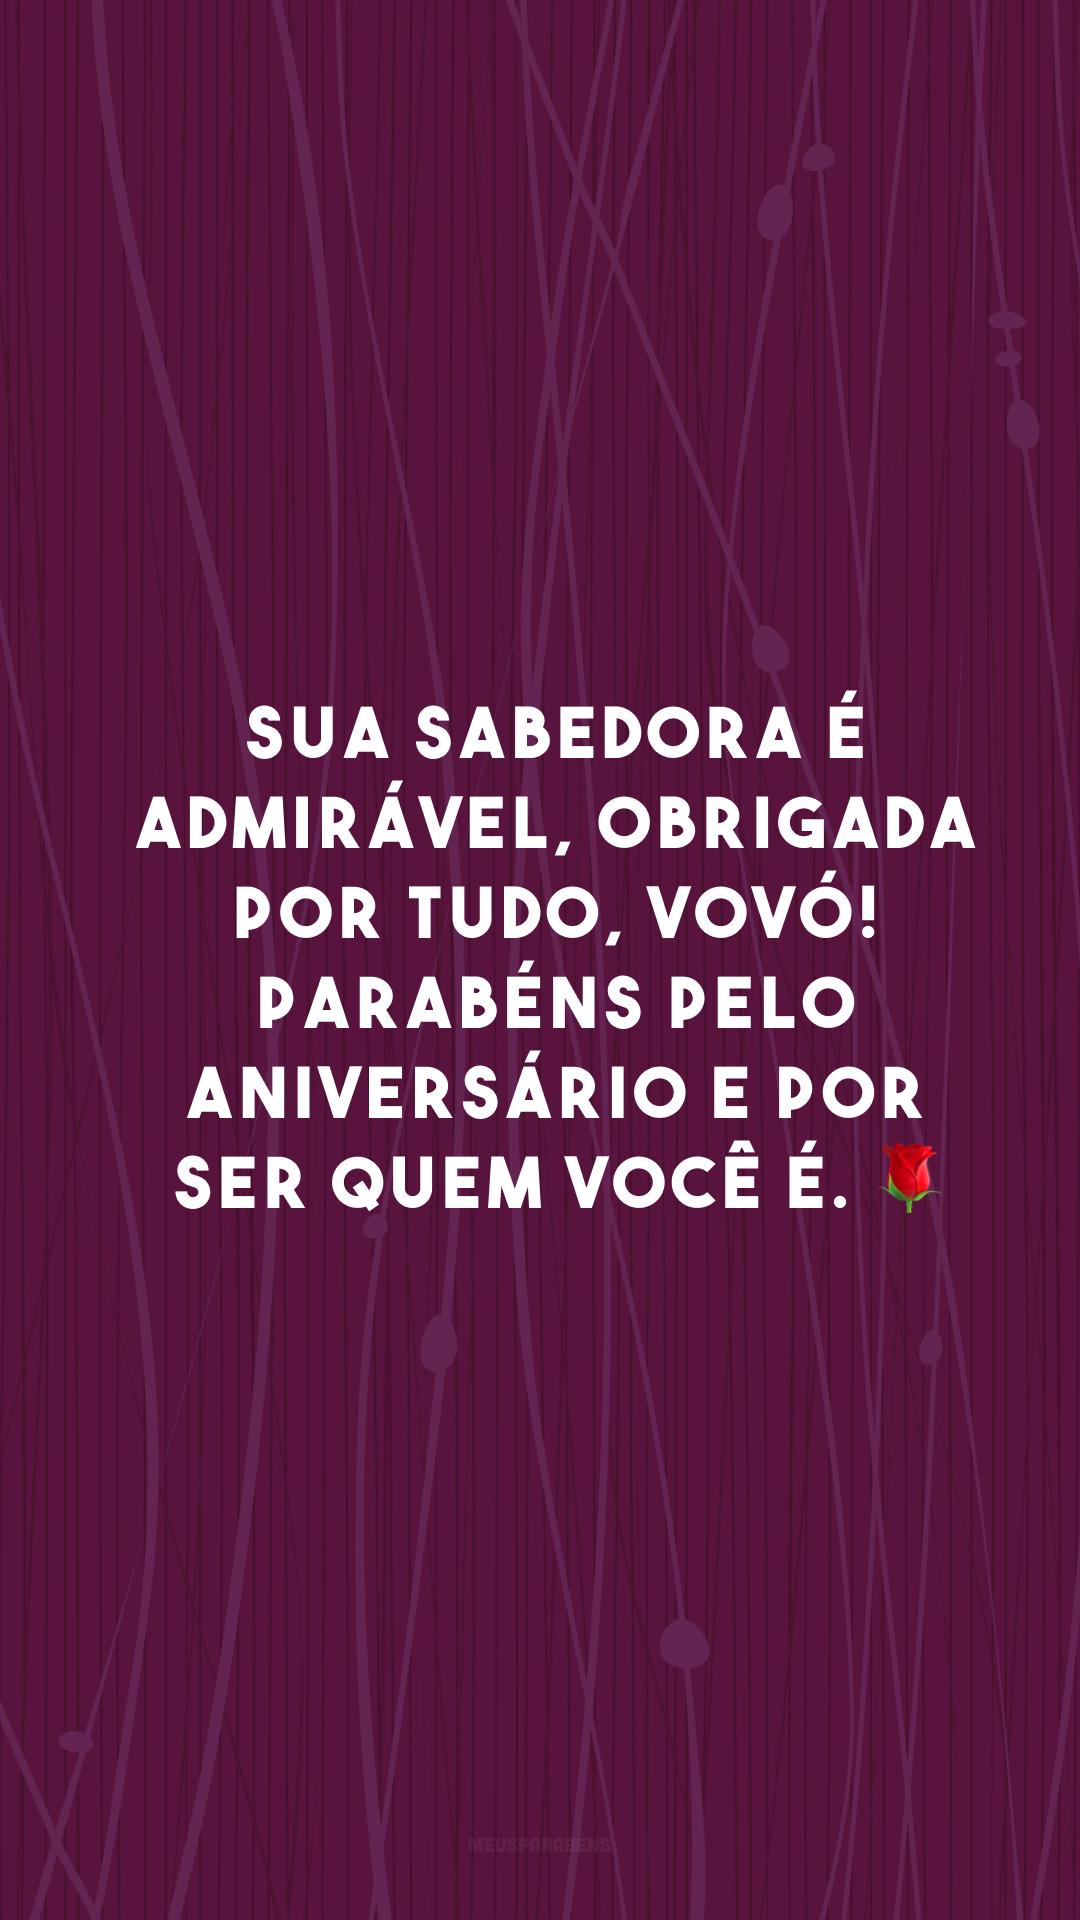 Sua sabedora é admirável, obrigada por tudo, vovó! Parabéns pelo aniversário e por ser quem você é. 🌹